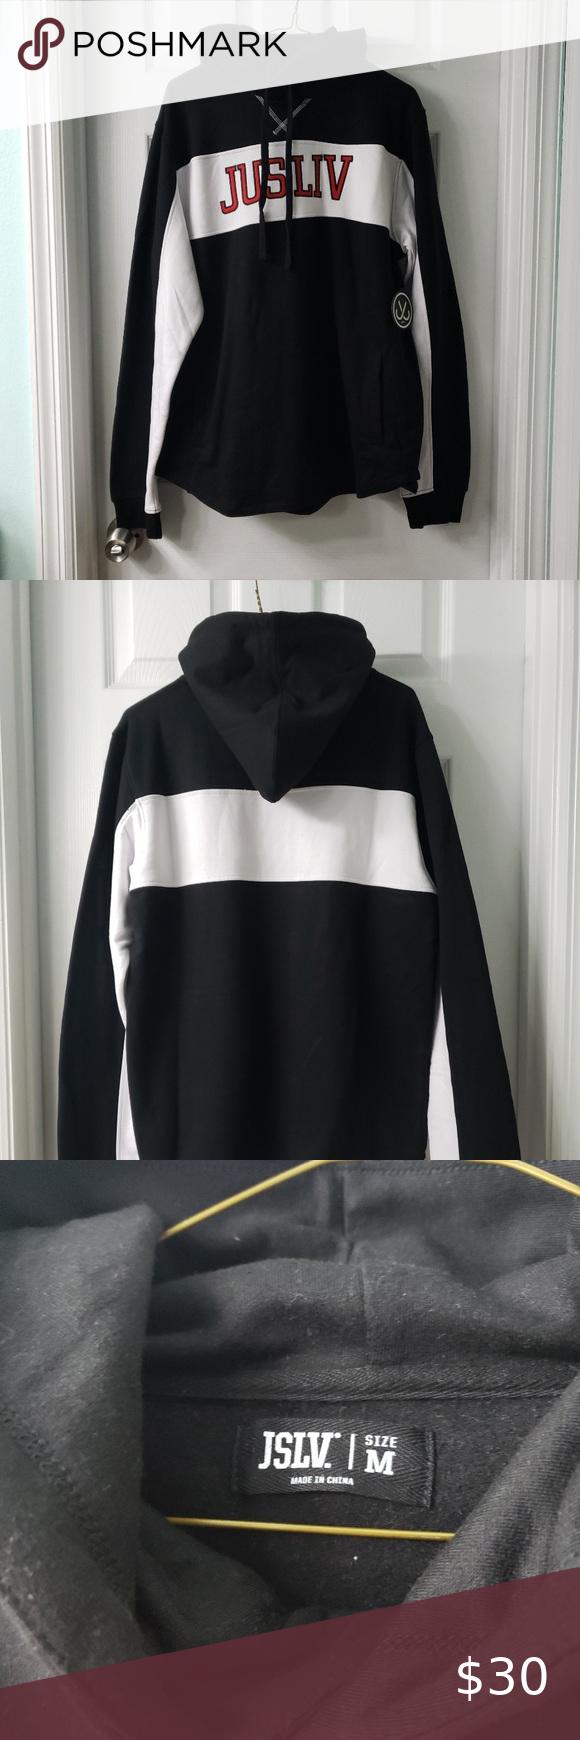 Vtg Nike White Tag Simple Faded Black Sweatshirt M Black Sweatshirts Sweatshirts White Nikes [ 1740 x 580 Pixel ]